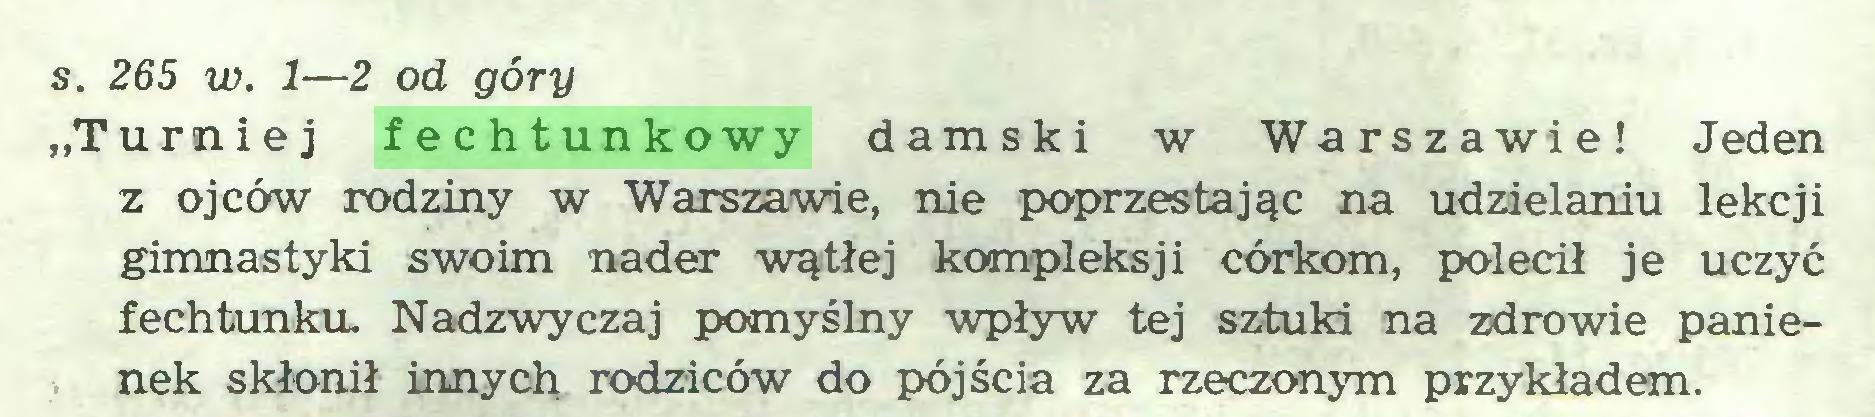 """(...) s. 265 w. 1—2 od góry """"Turniej fechtunkowy damski w Warszawie! Jeden z ojców rodziny w Warszawie, nie poprzestając na udzielaniu lekcji gimnastyki swoim nader wątłej kompleksji córkom, polecił je uczyć fechtunku. Nadzwyczaj pomyślny wpływ tej sztuki na zdrowie panienek skłonił innych rodziców do pójścia za rzeczonym przykładem..."""